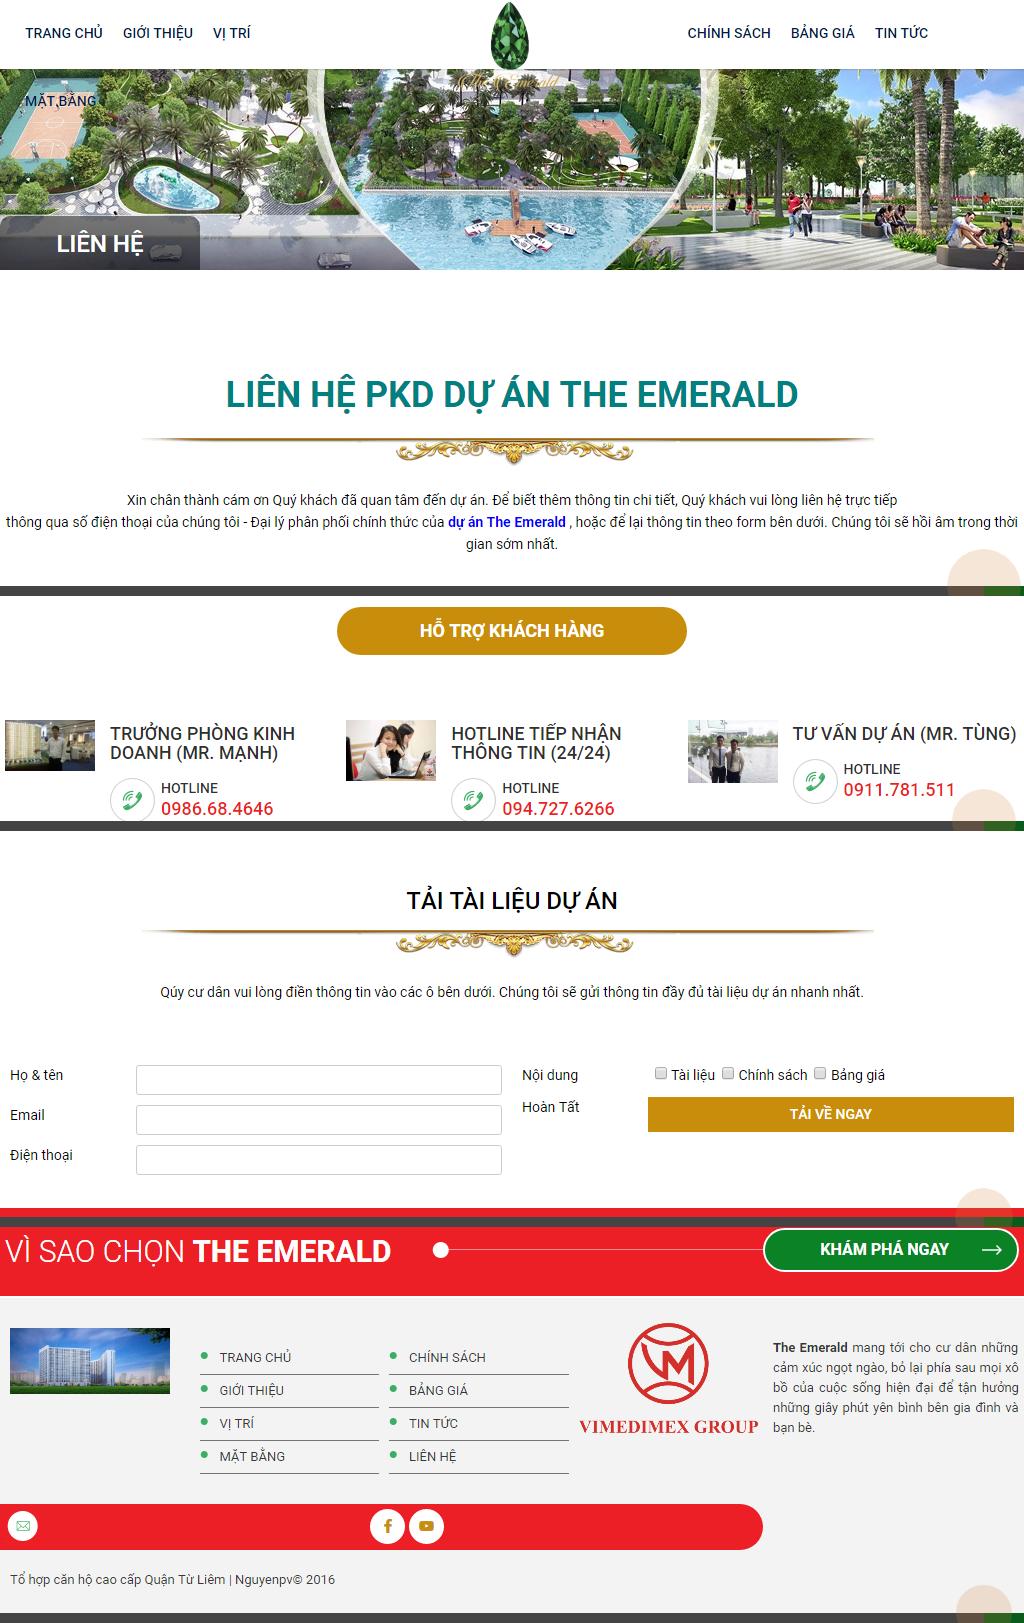 Giao diện website Bất động sản Z - 230